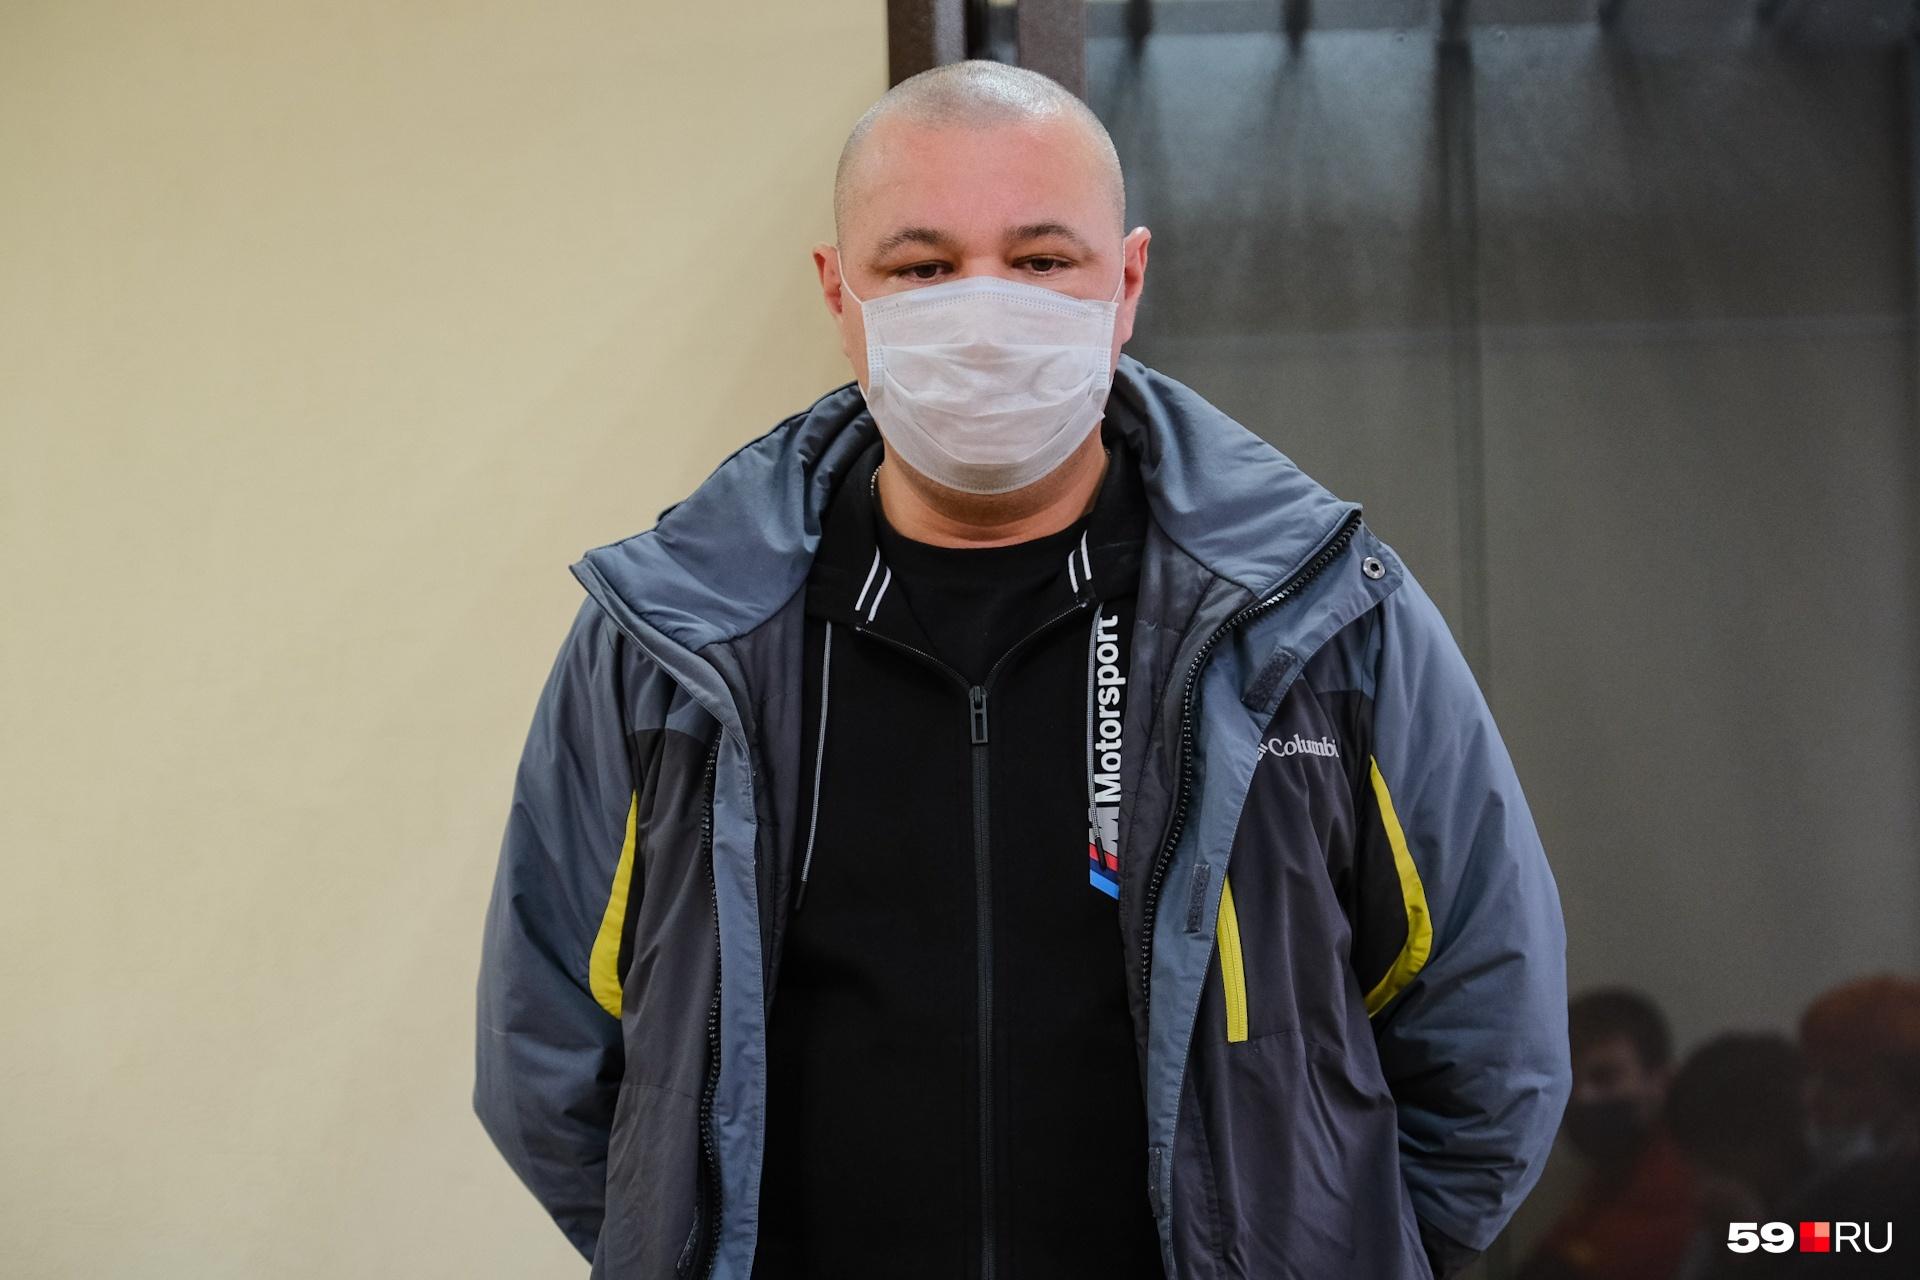 Ринат Ситдиков на оглашении приговора в суде Кизела